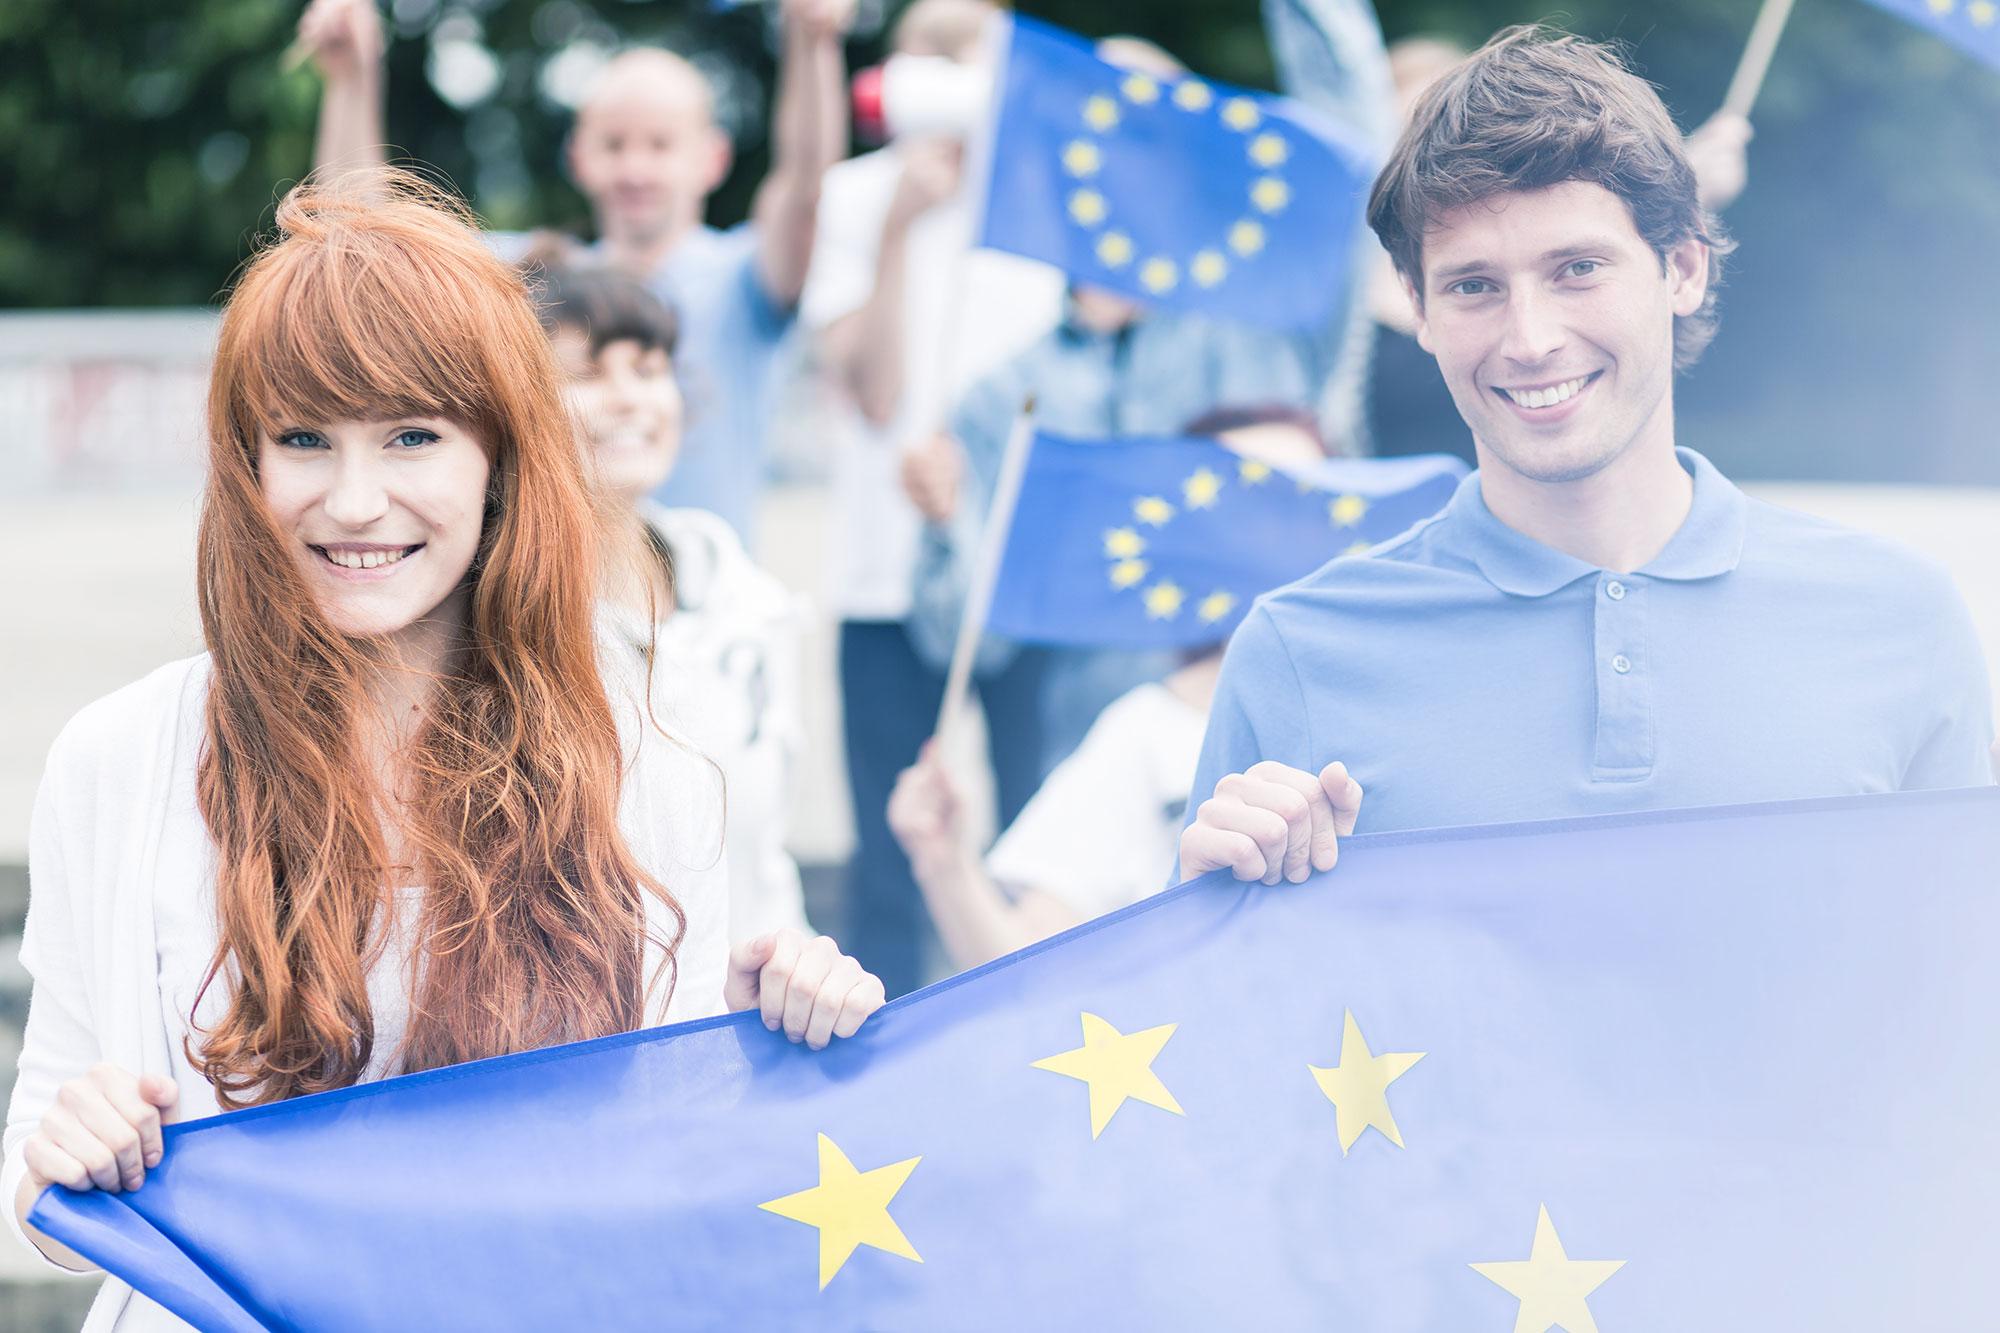 Europe: le cadre budgétaire doit répondre aux aspirations des citoyens